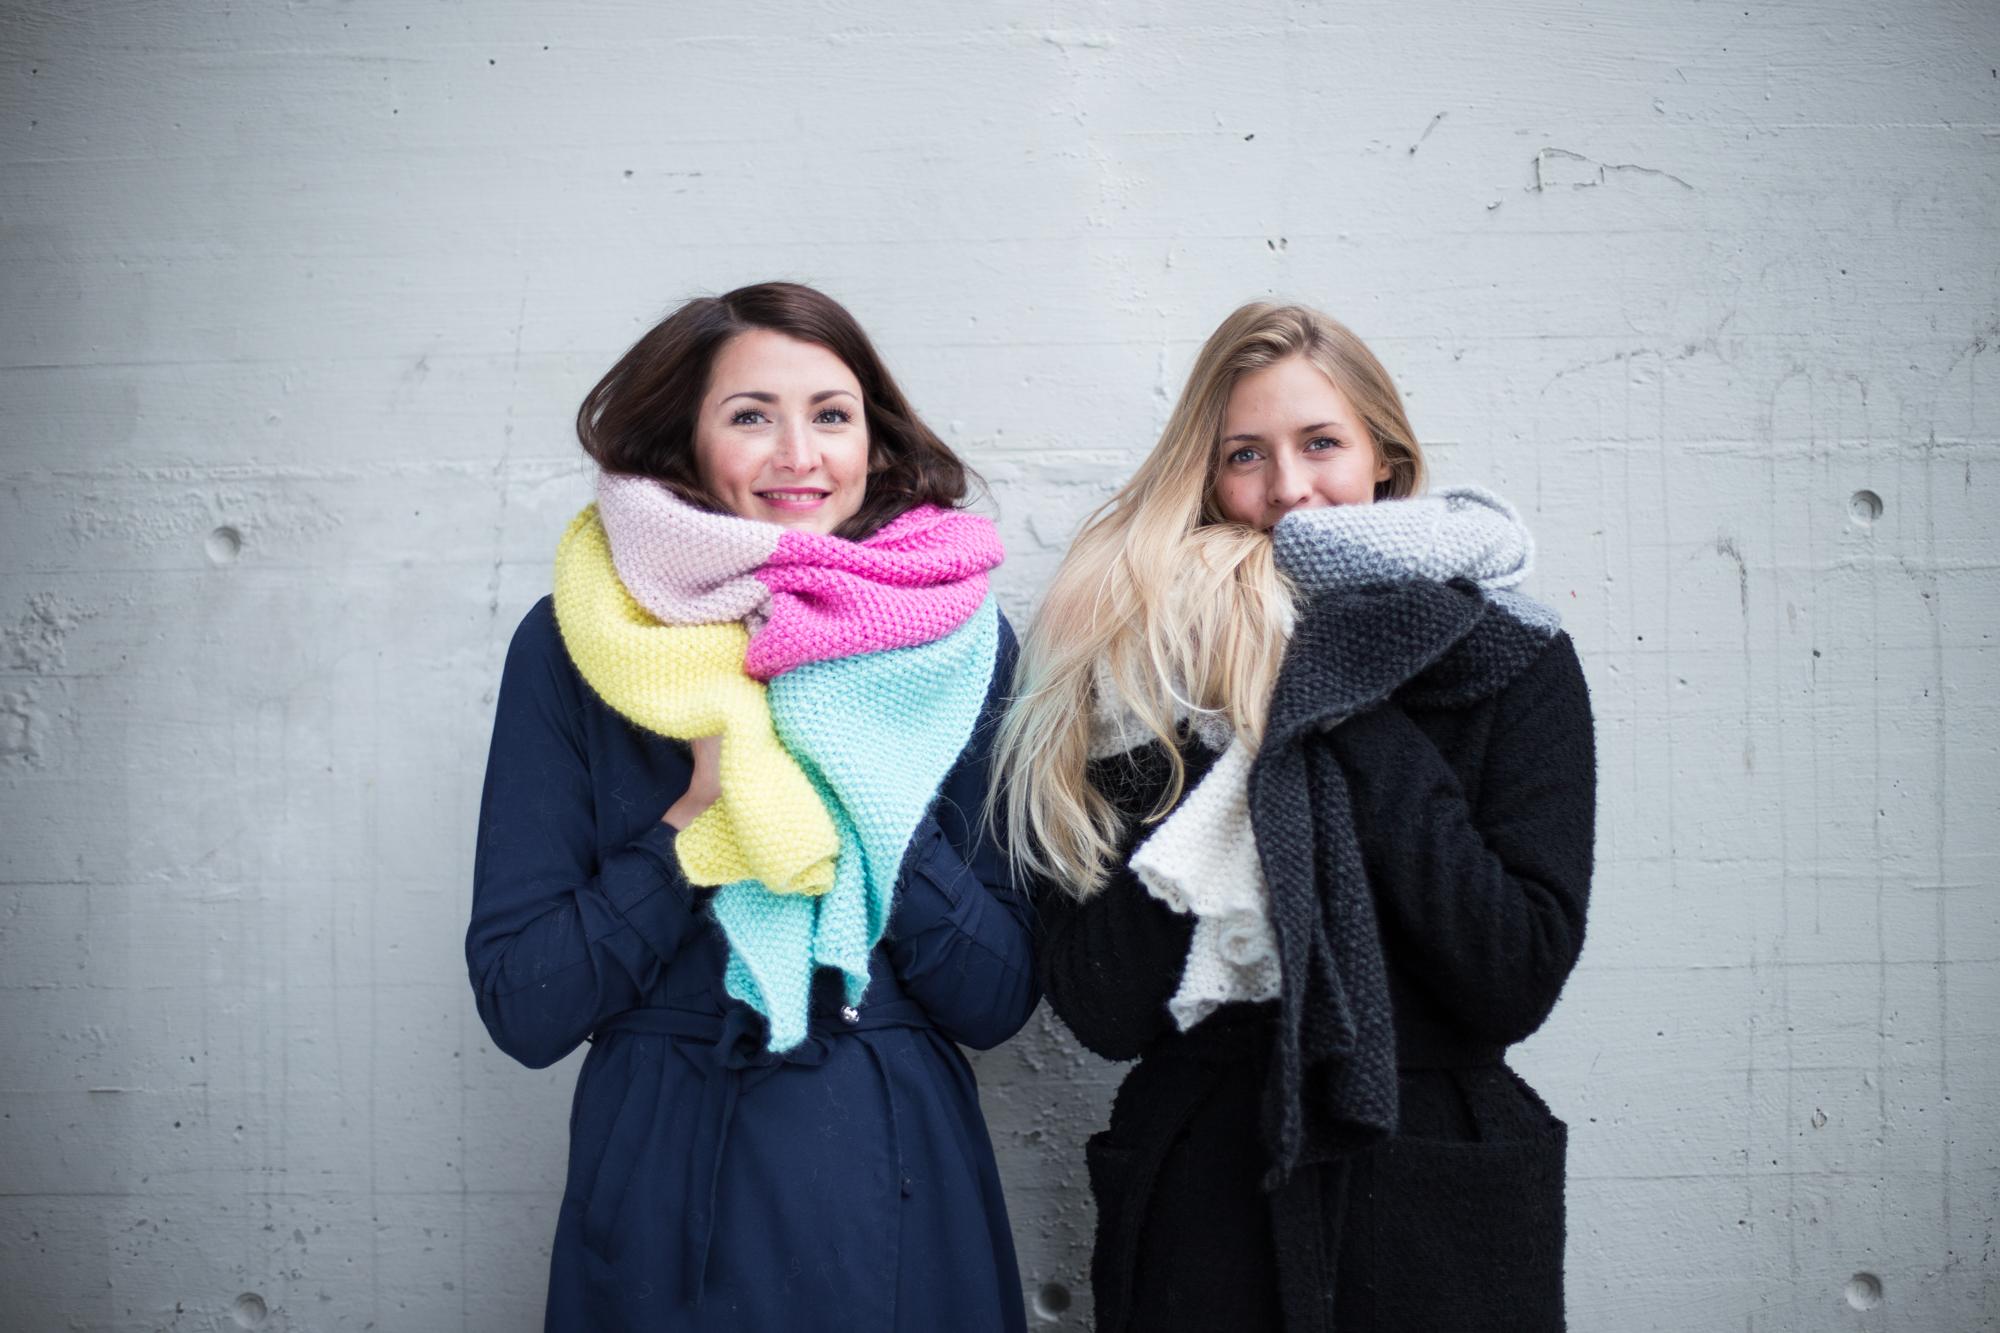 bergen strikkefestival, fargefest, festivalmote hipknitshop, knitted scarf, knitted fashion, women